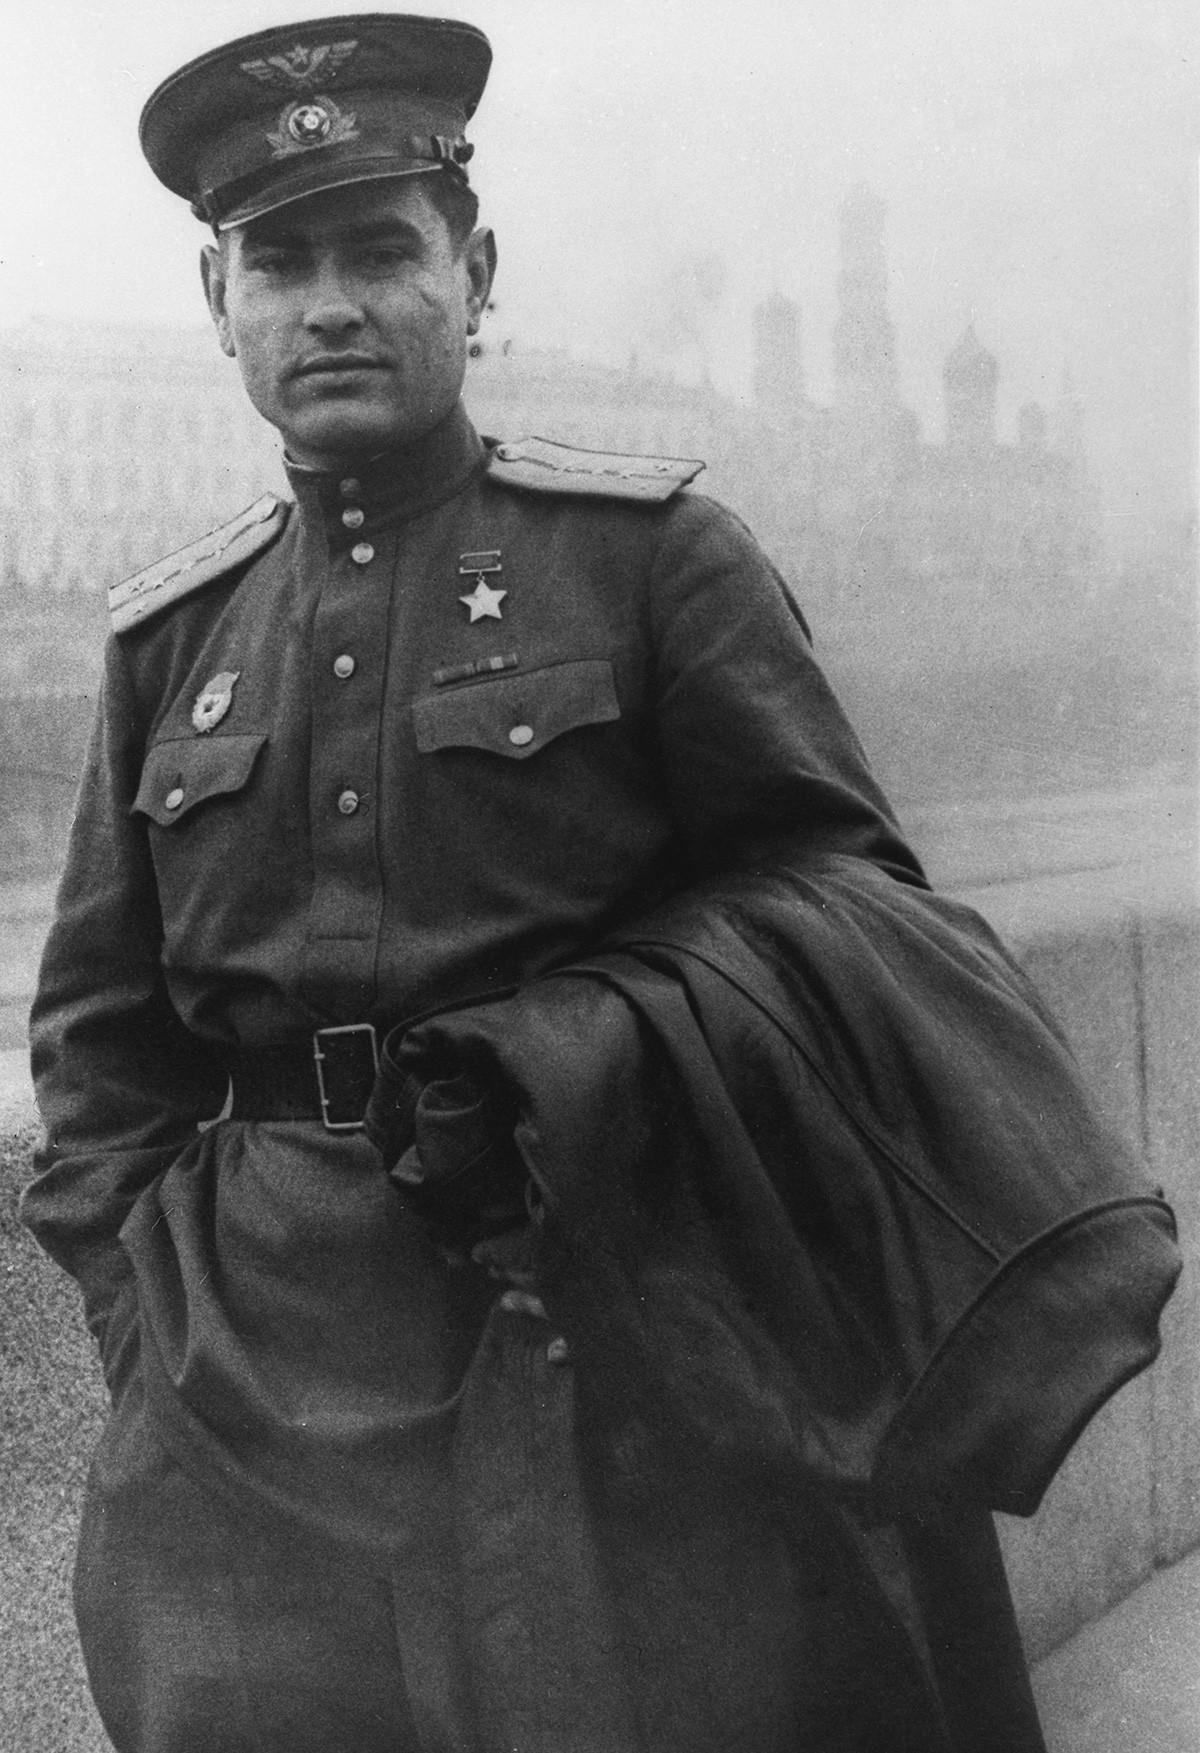 """1. јануар 1943. Подвиг Алексеја Маресјева се прочуо захваљујући публикацији посвећеној његовом подвигу коју је под називом """"Повест о правом човеку"""" објавио ратни дописник Борис Пољевој."""